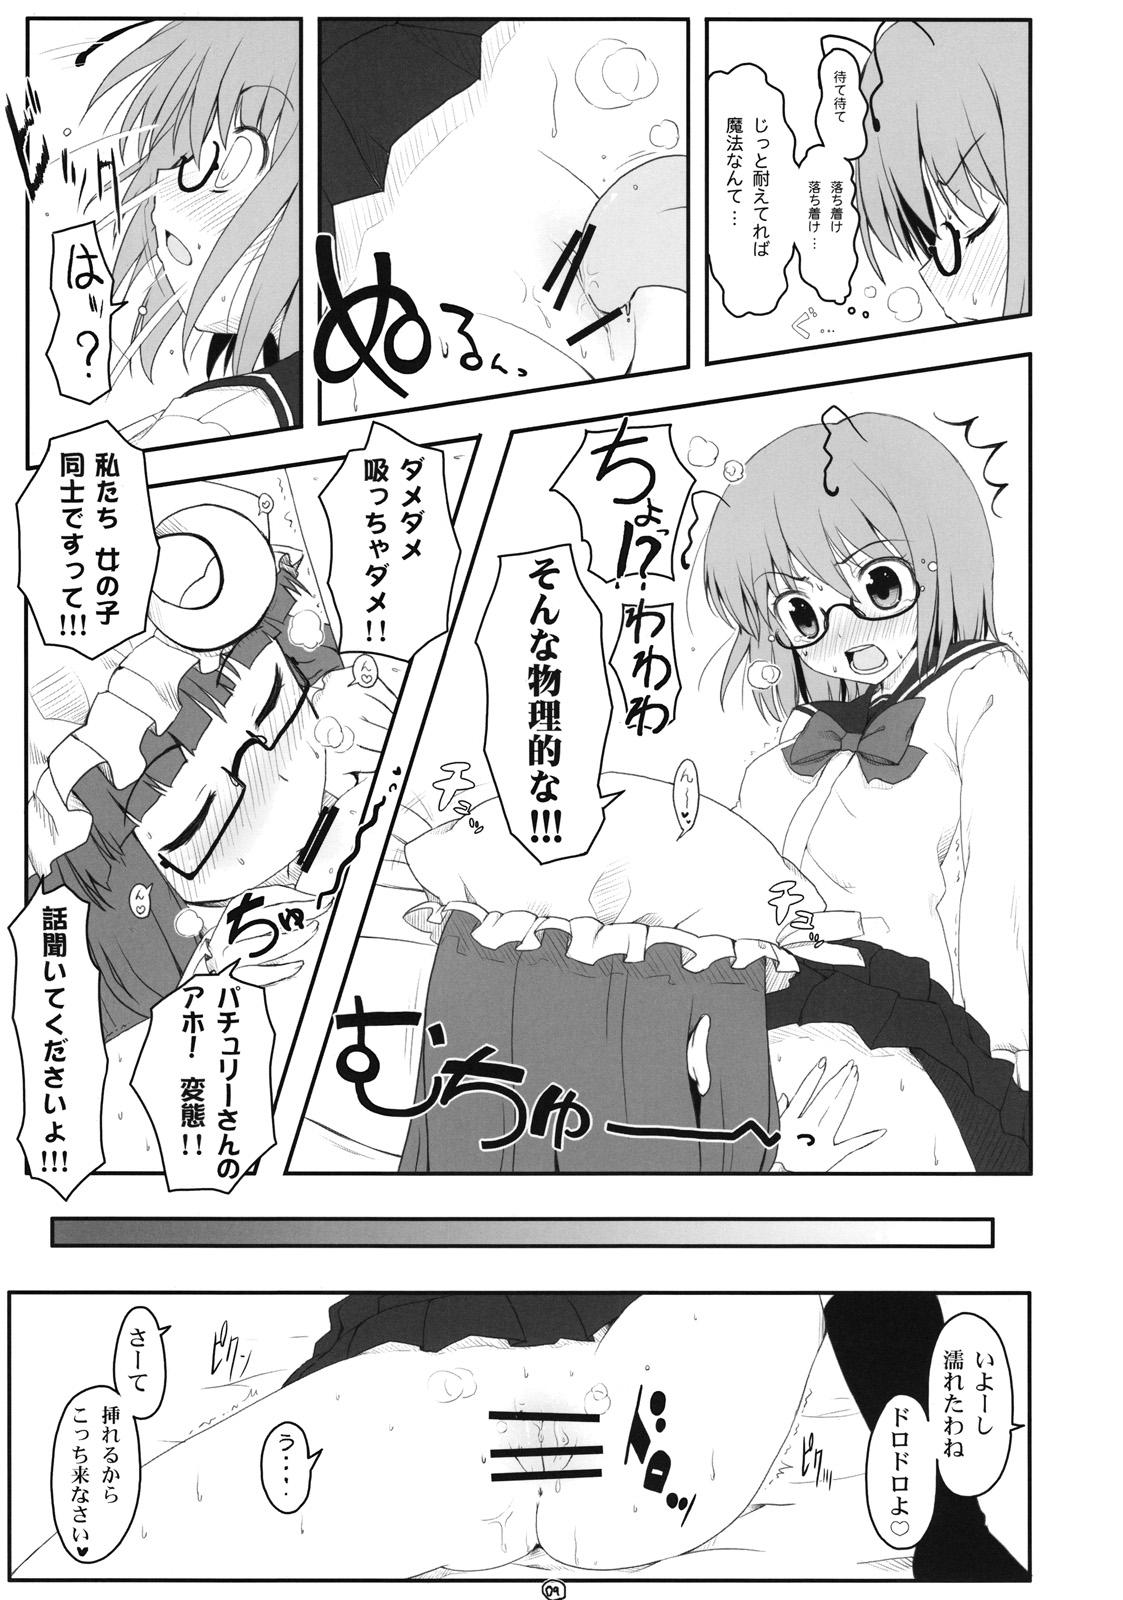 Touhou Megane 7